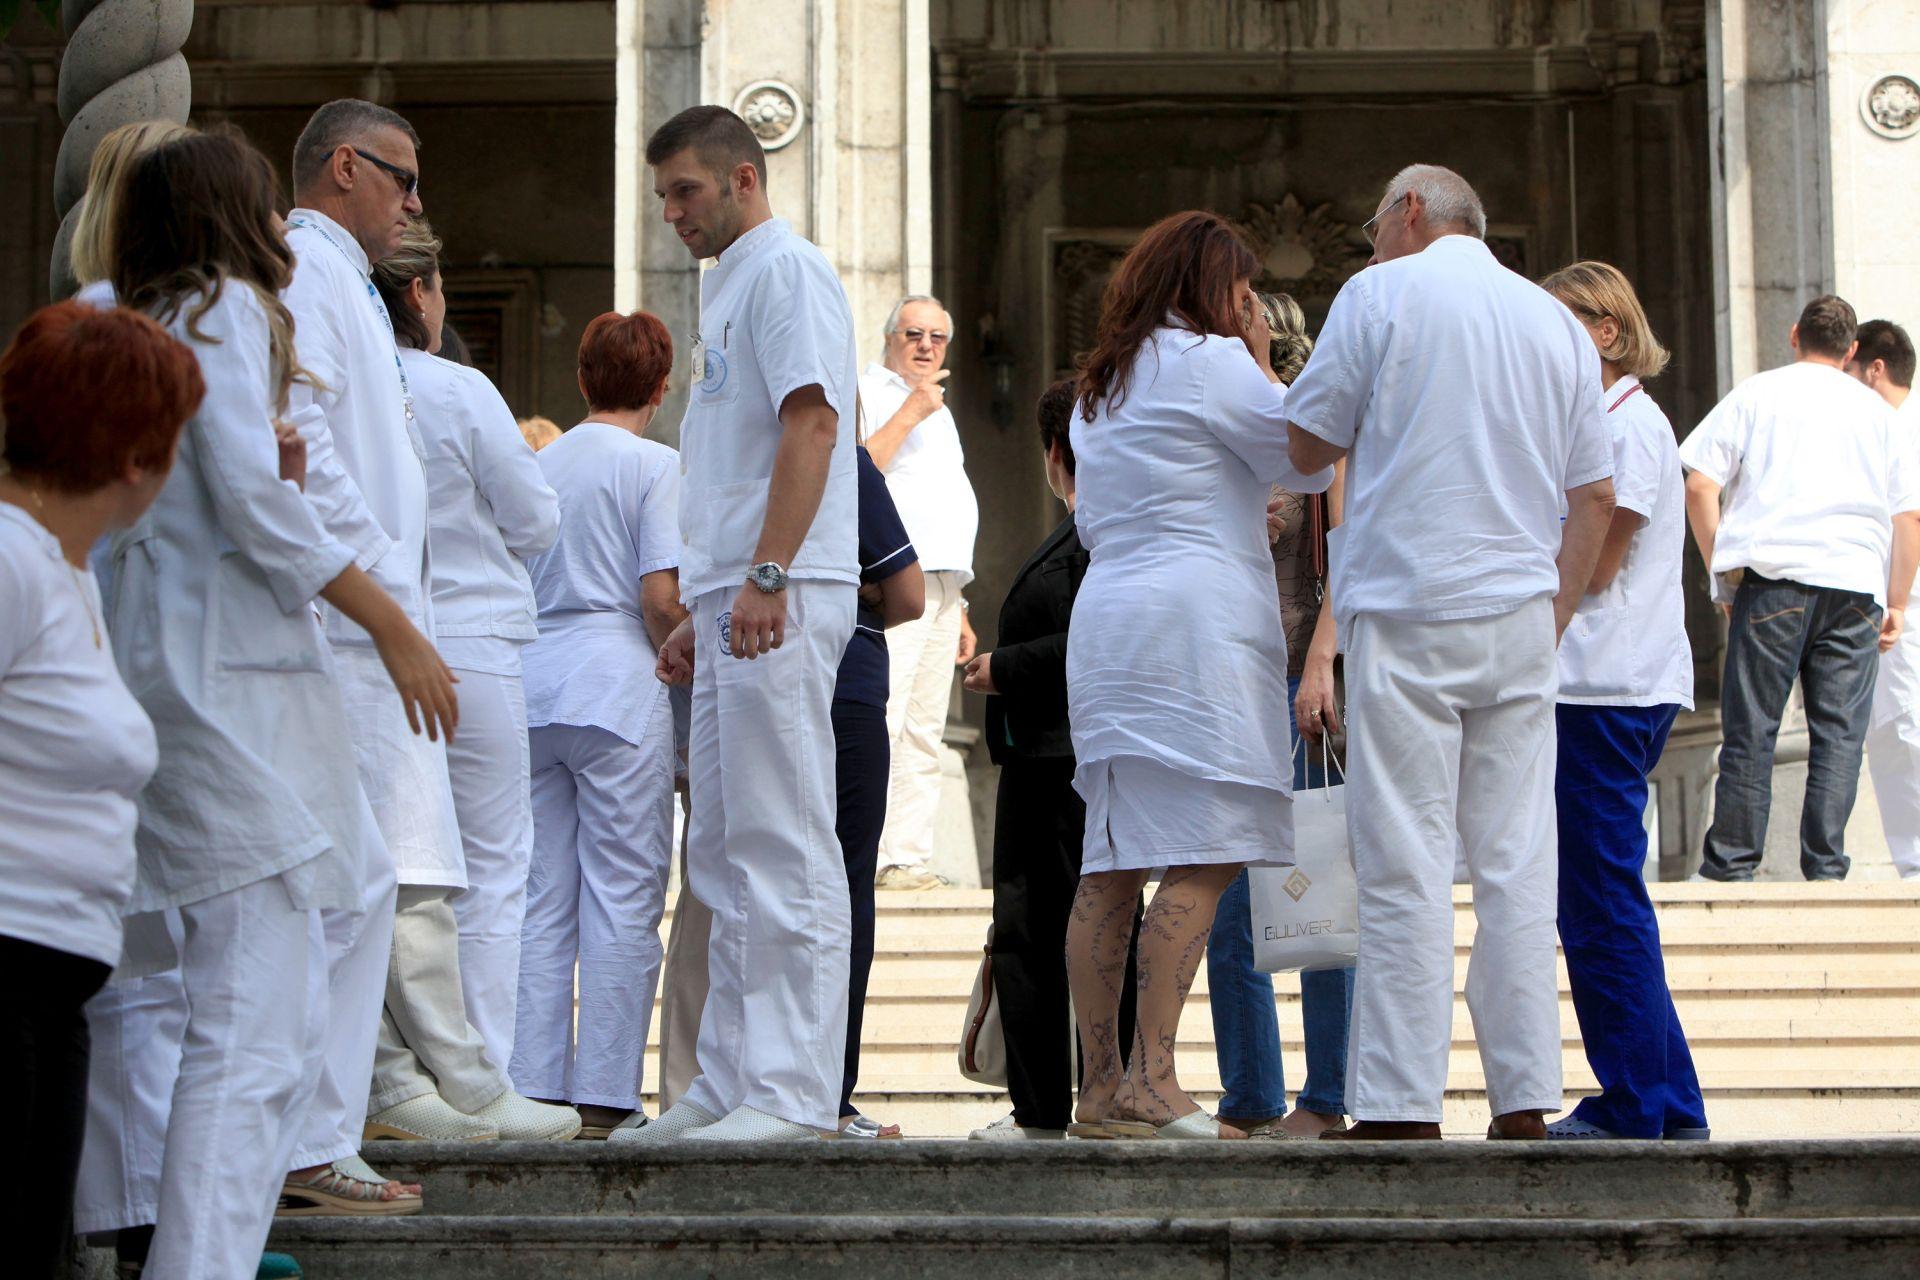 HUBOL: Tražimo hitnu zaštitu liječnika